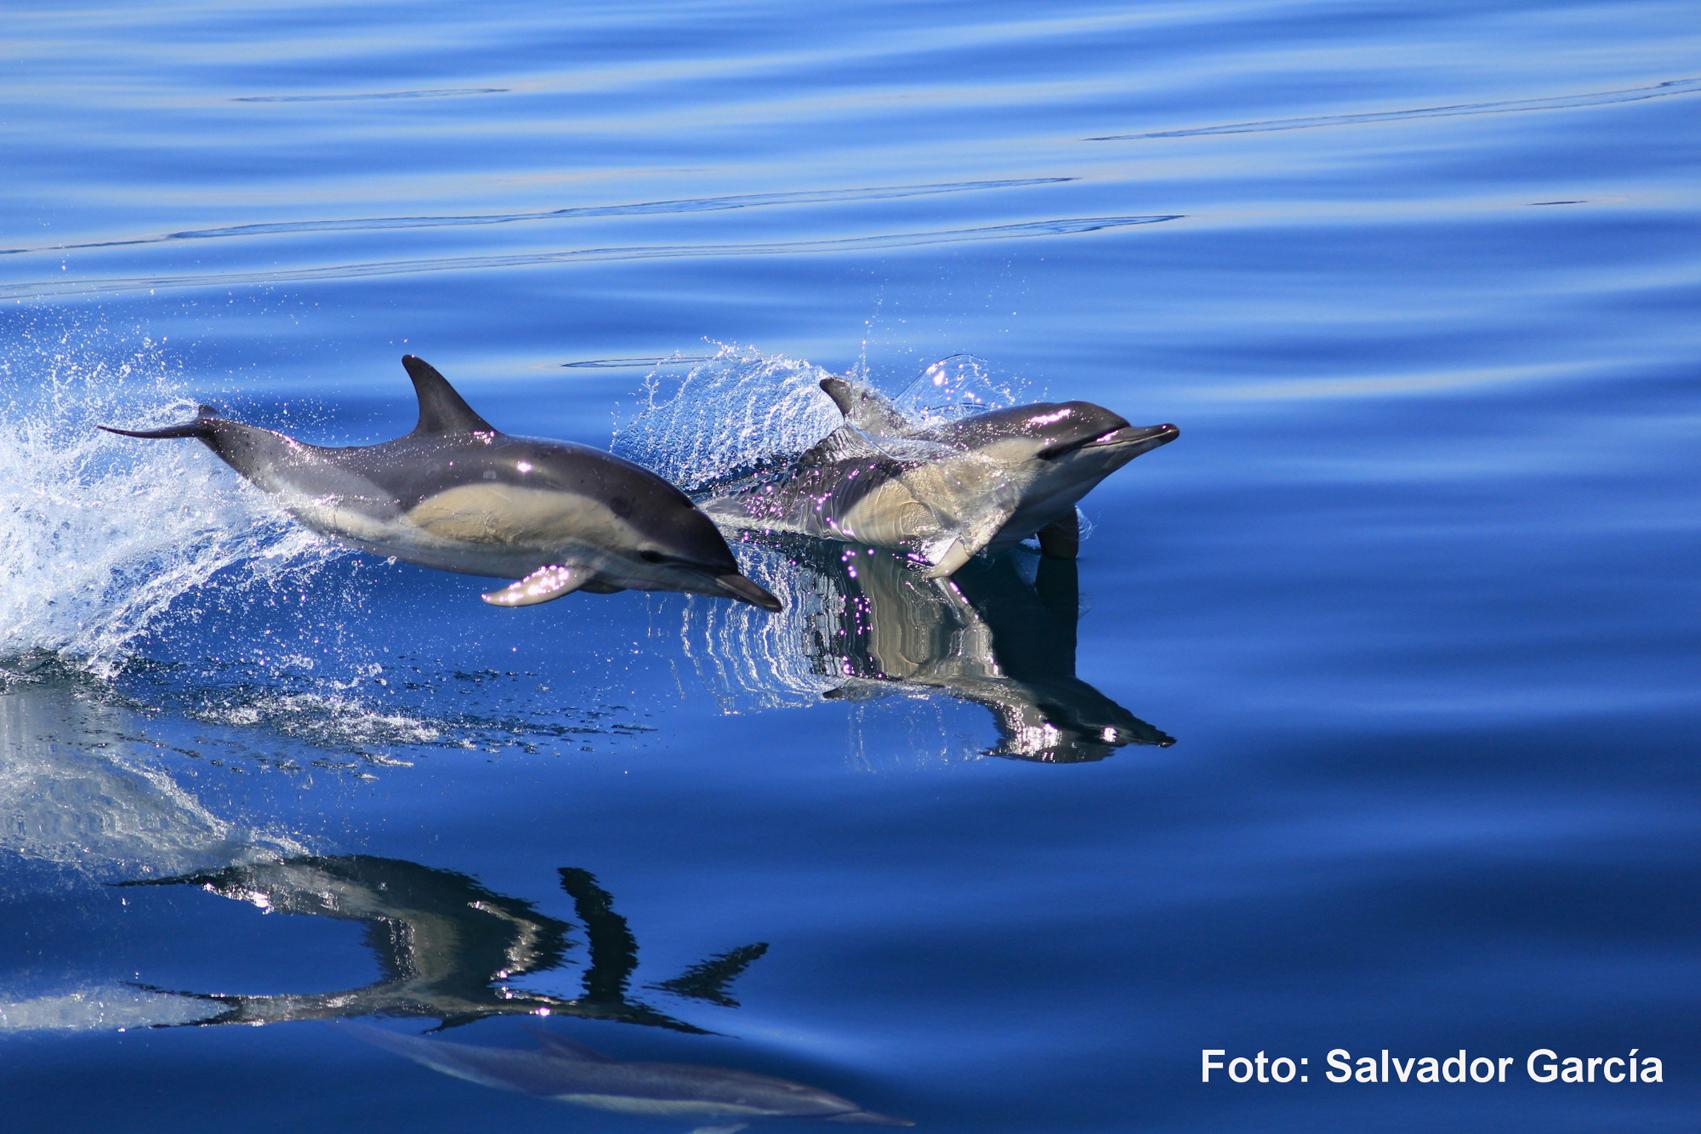 Preciosa imagen de unos delfines saltando en el agua. Imagen: IEO